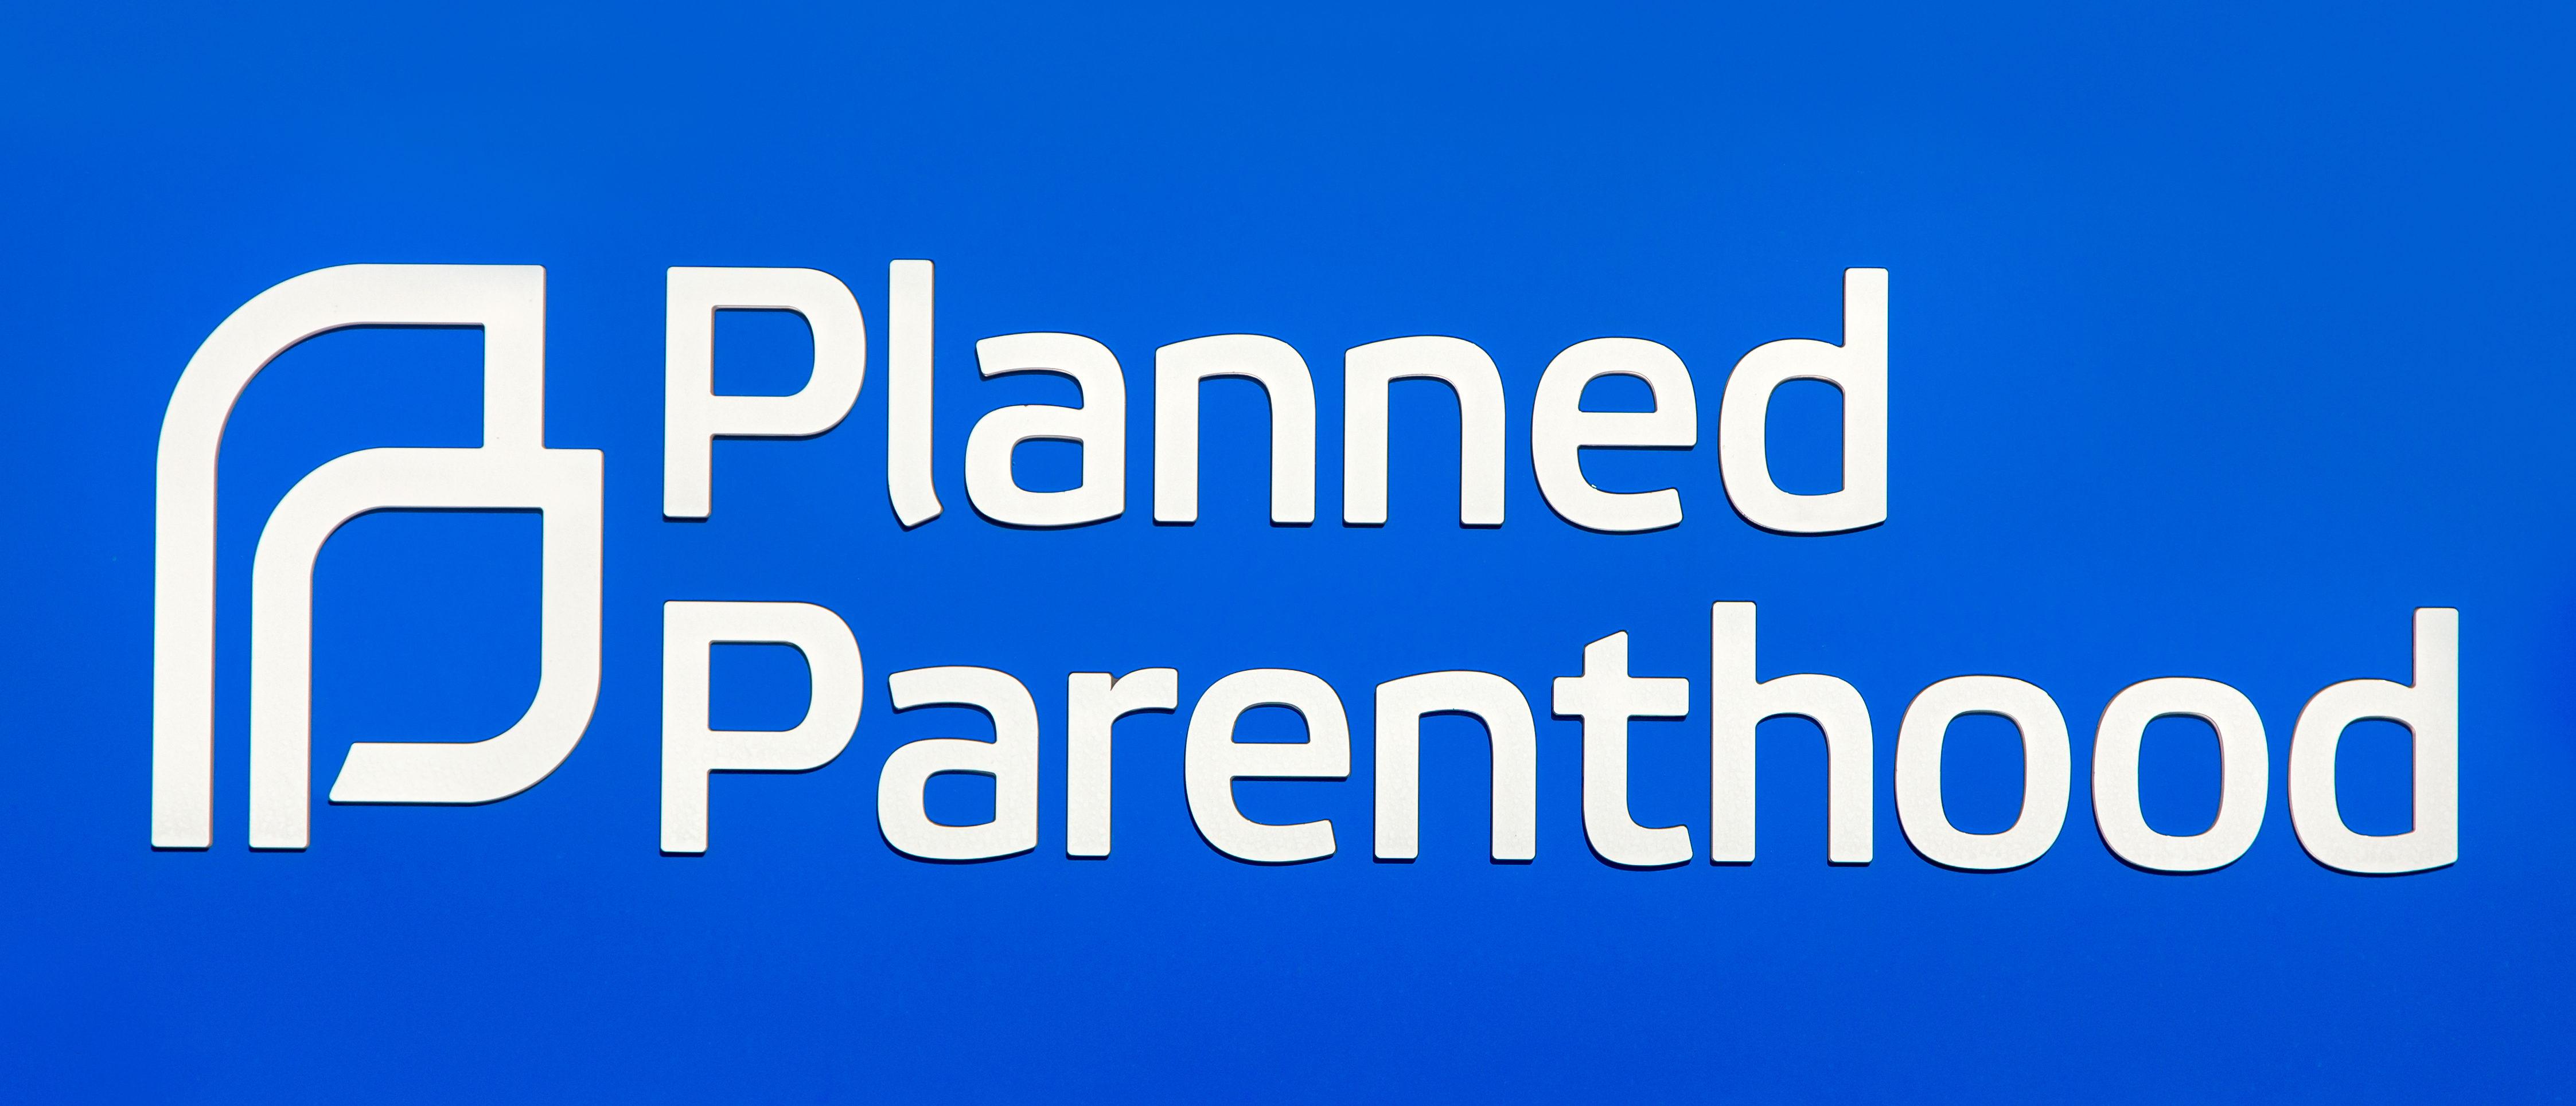 Planned Parenthood Official logo. (Photot: Shutterstock/Ken Wolter)